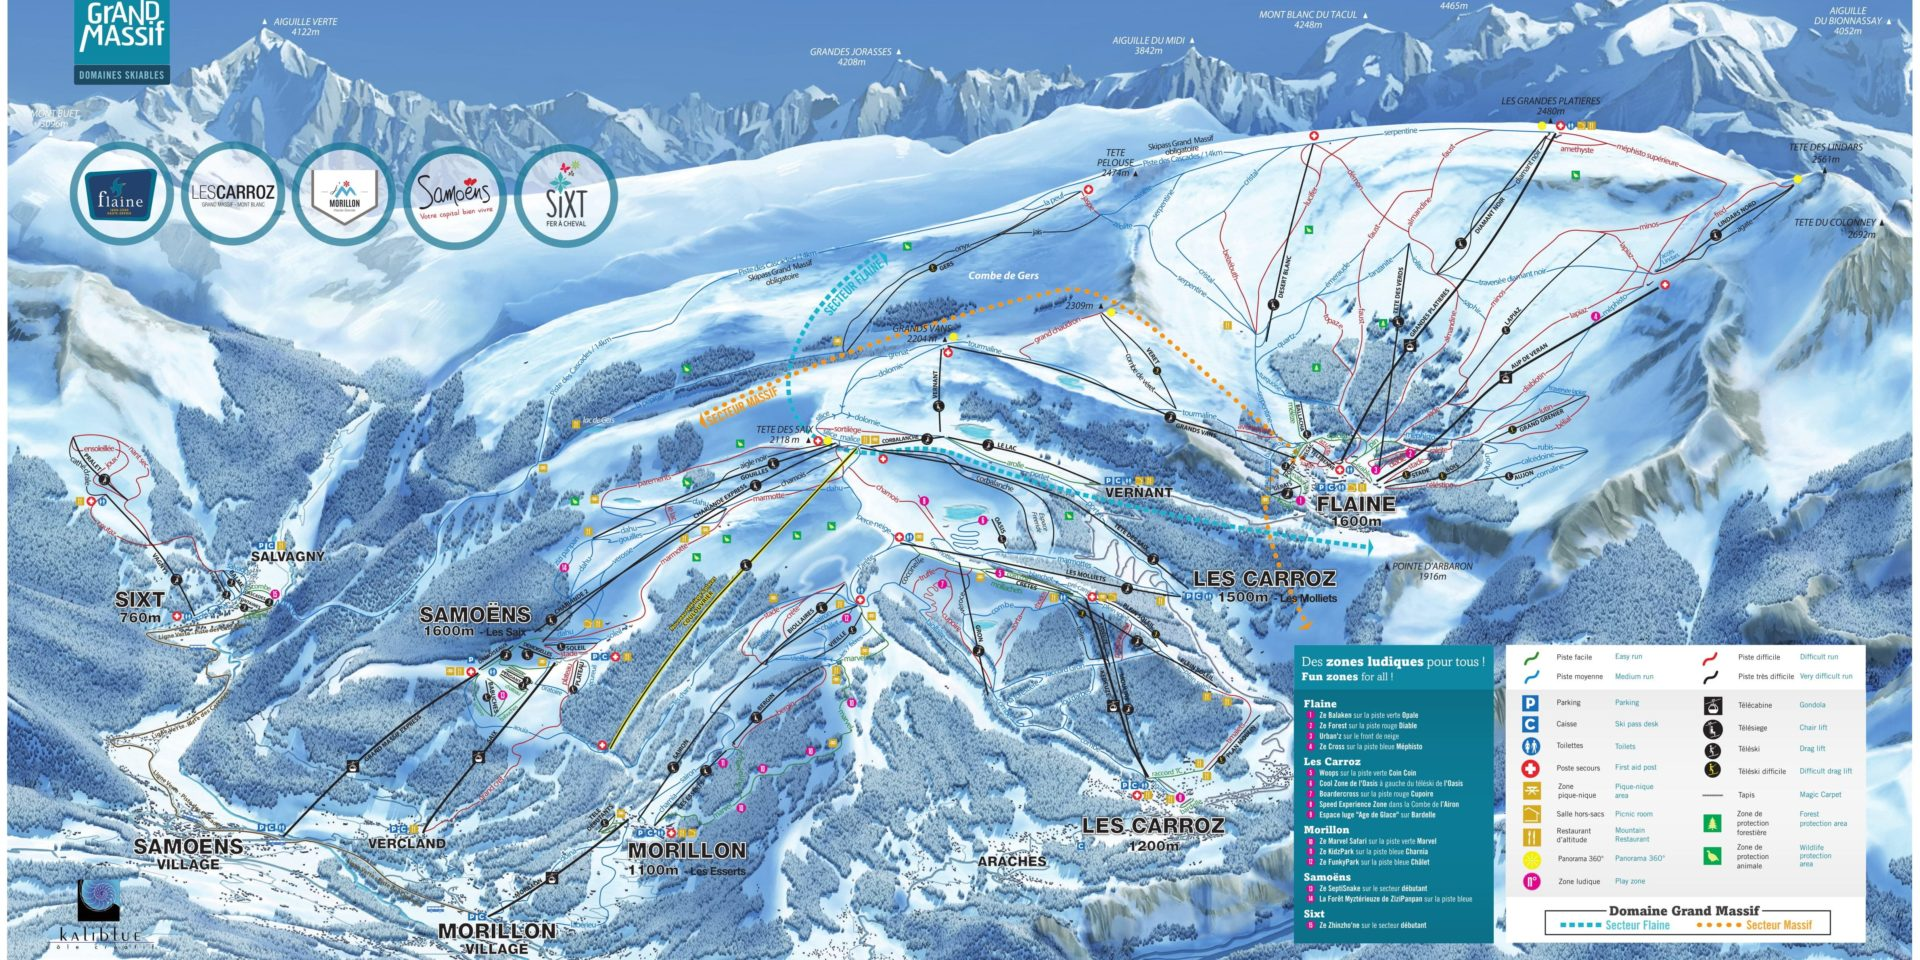 Pisteplattegrond Le Grand Massif Frankrijk Samoens Morillon Sixt Les Carroz Flaine skigebied tekening pistes wintersport skivakantie luxe